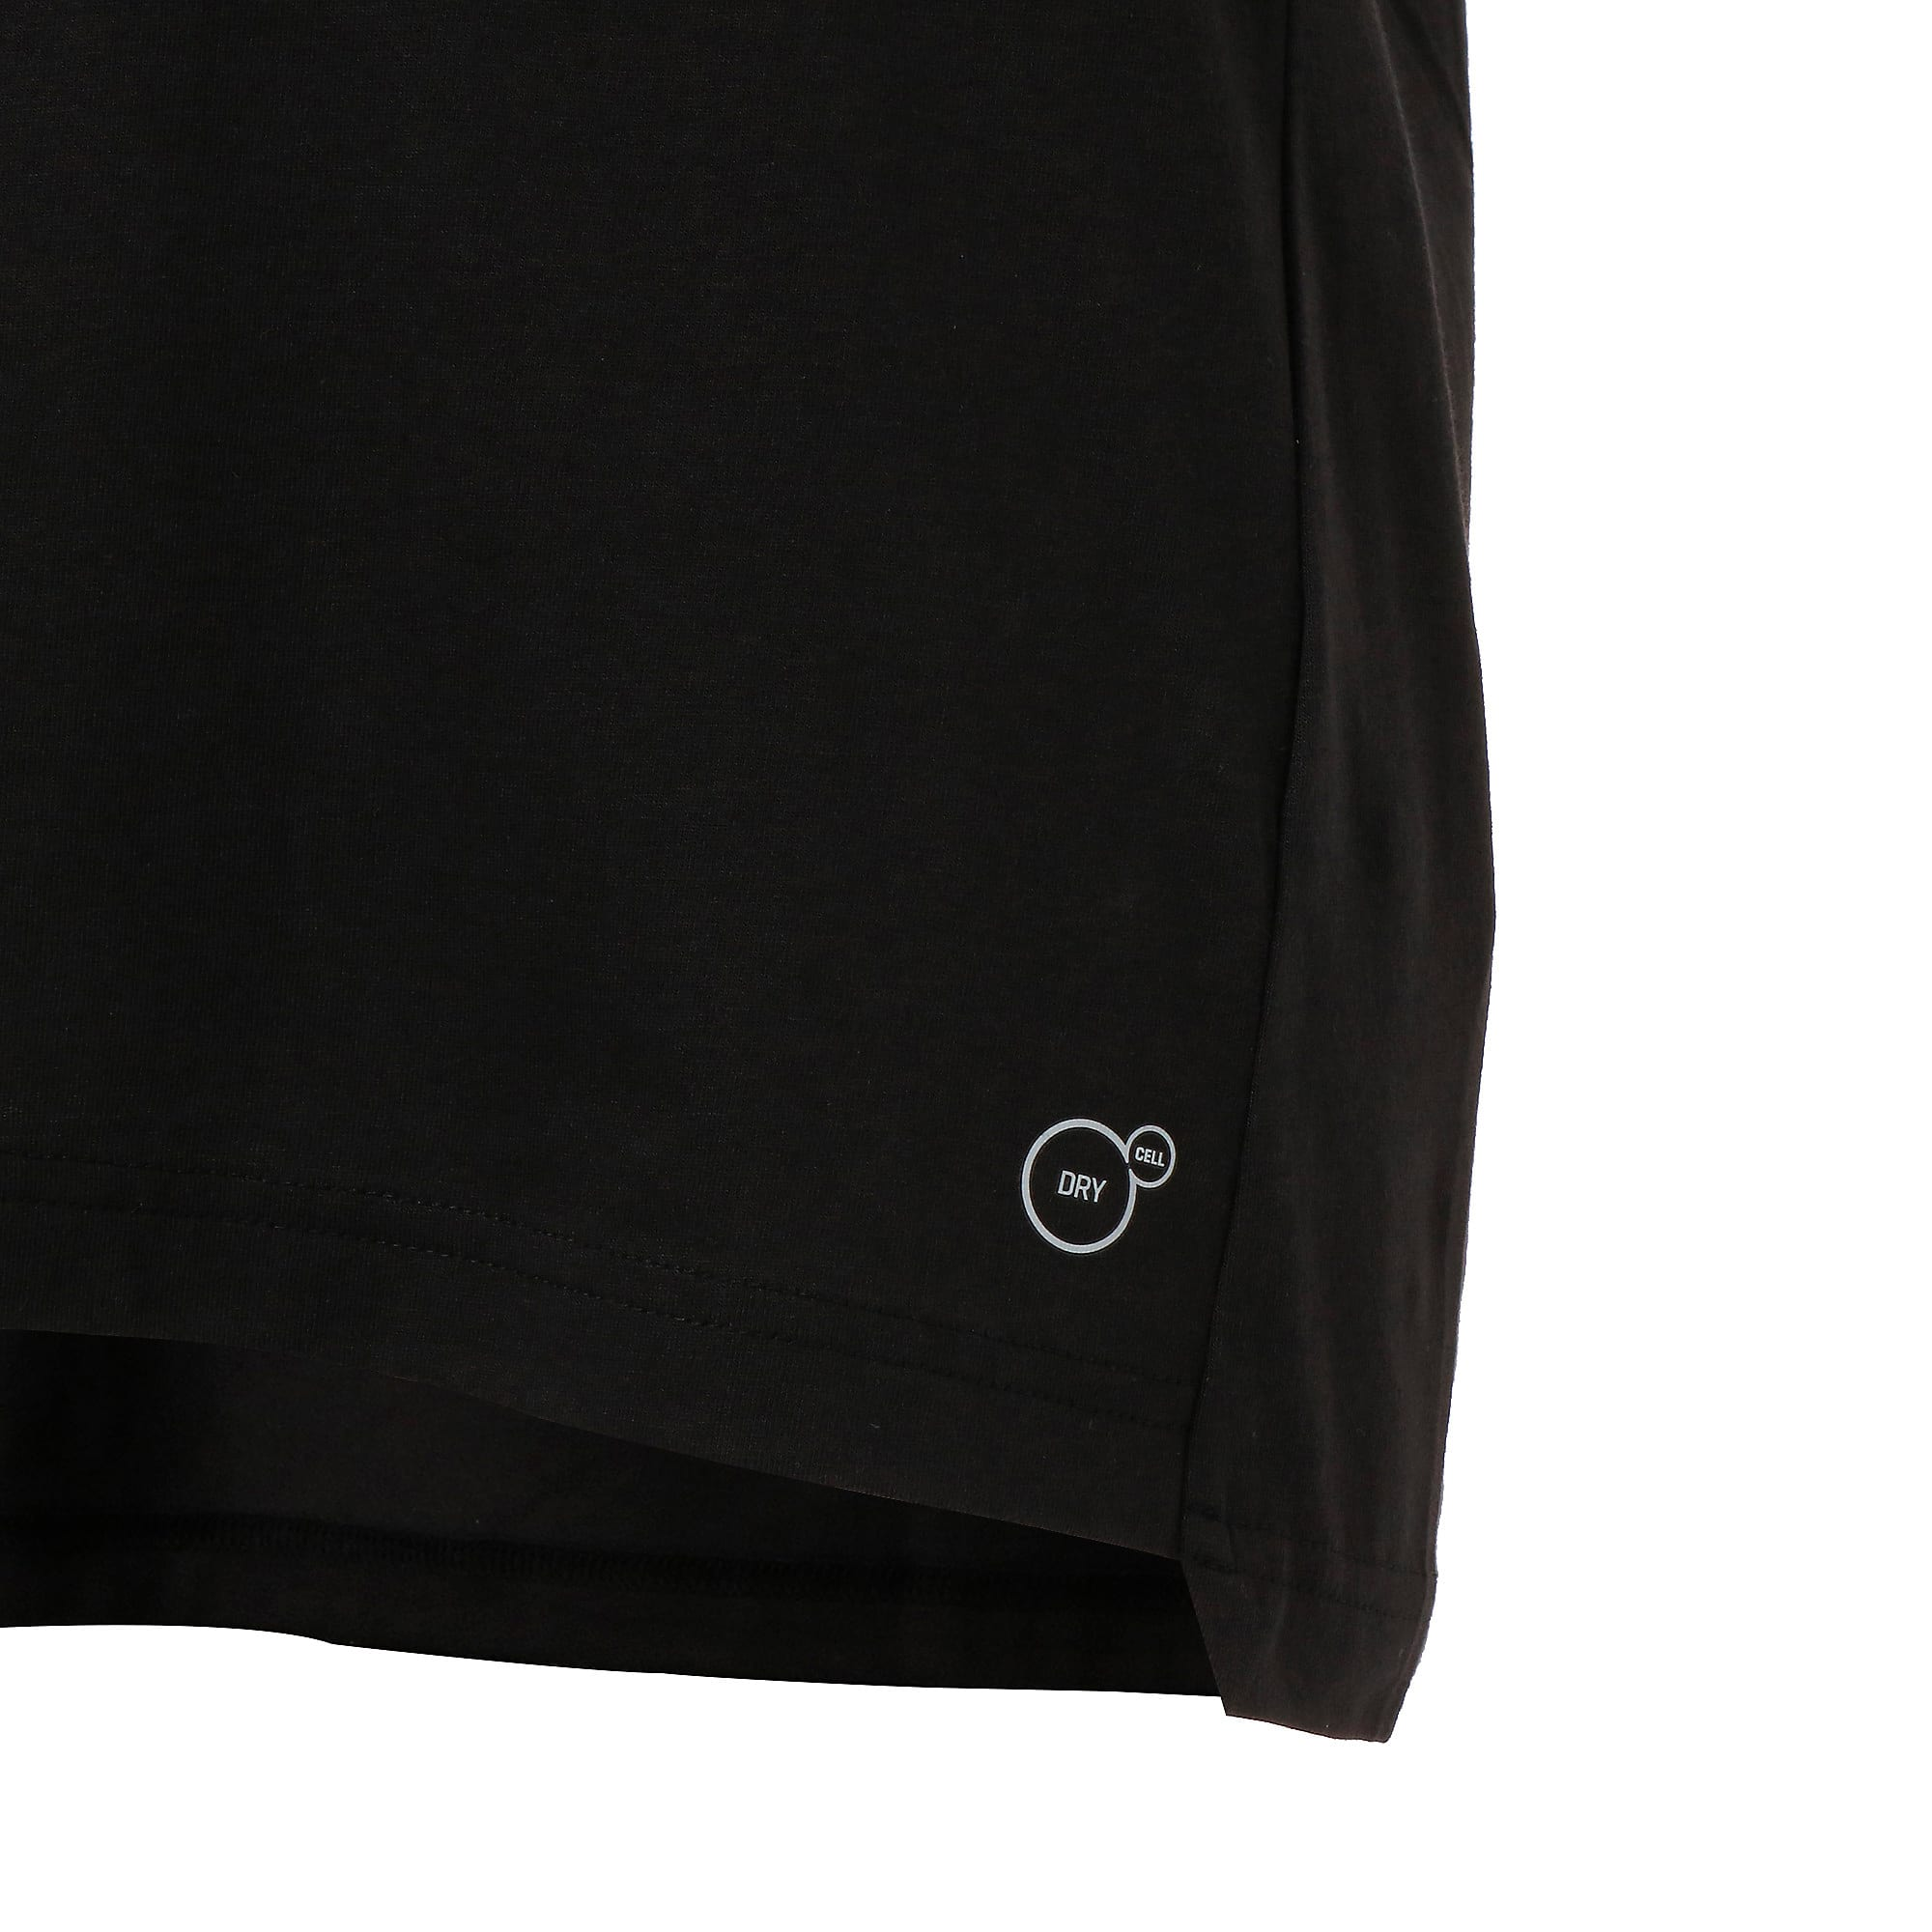 Thumbnail 5 of AC MILAN カジュアルパフォーマンスポロシャツ, Puma Black-Puma White, medium-JPN